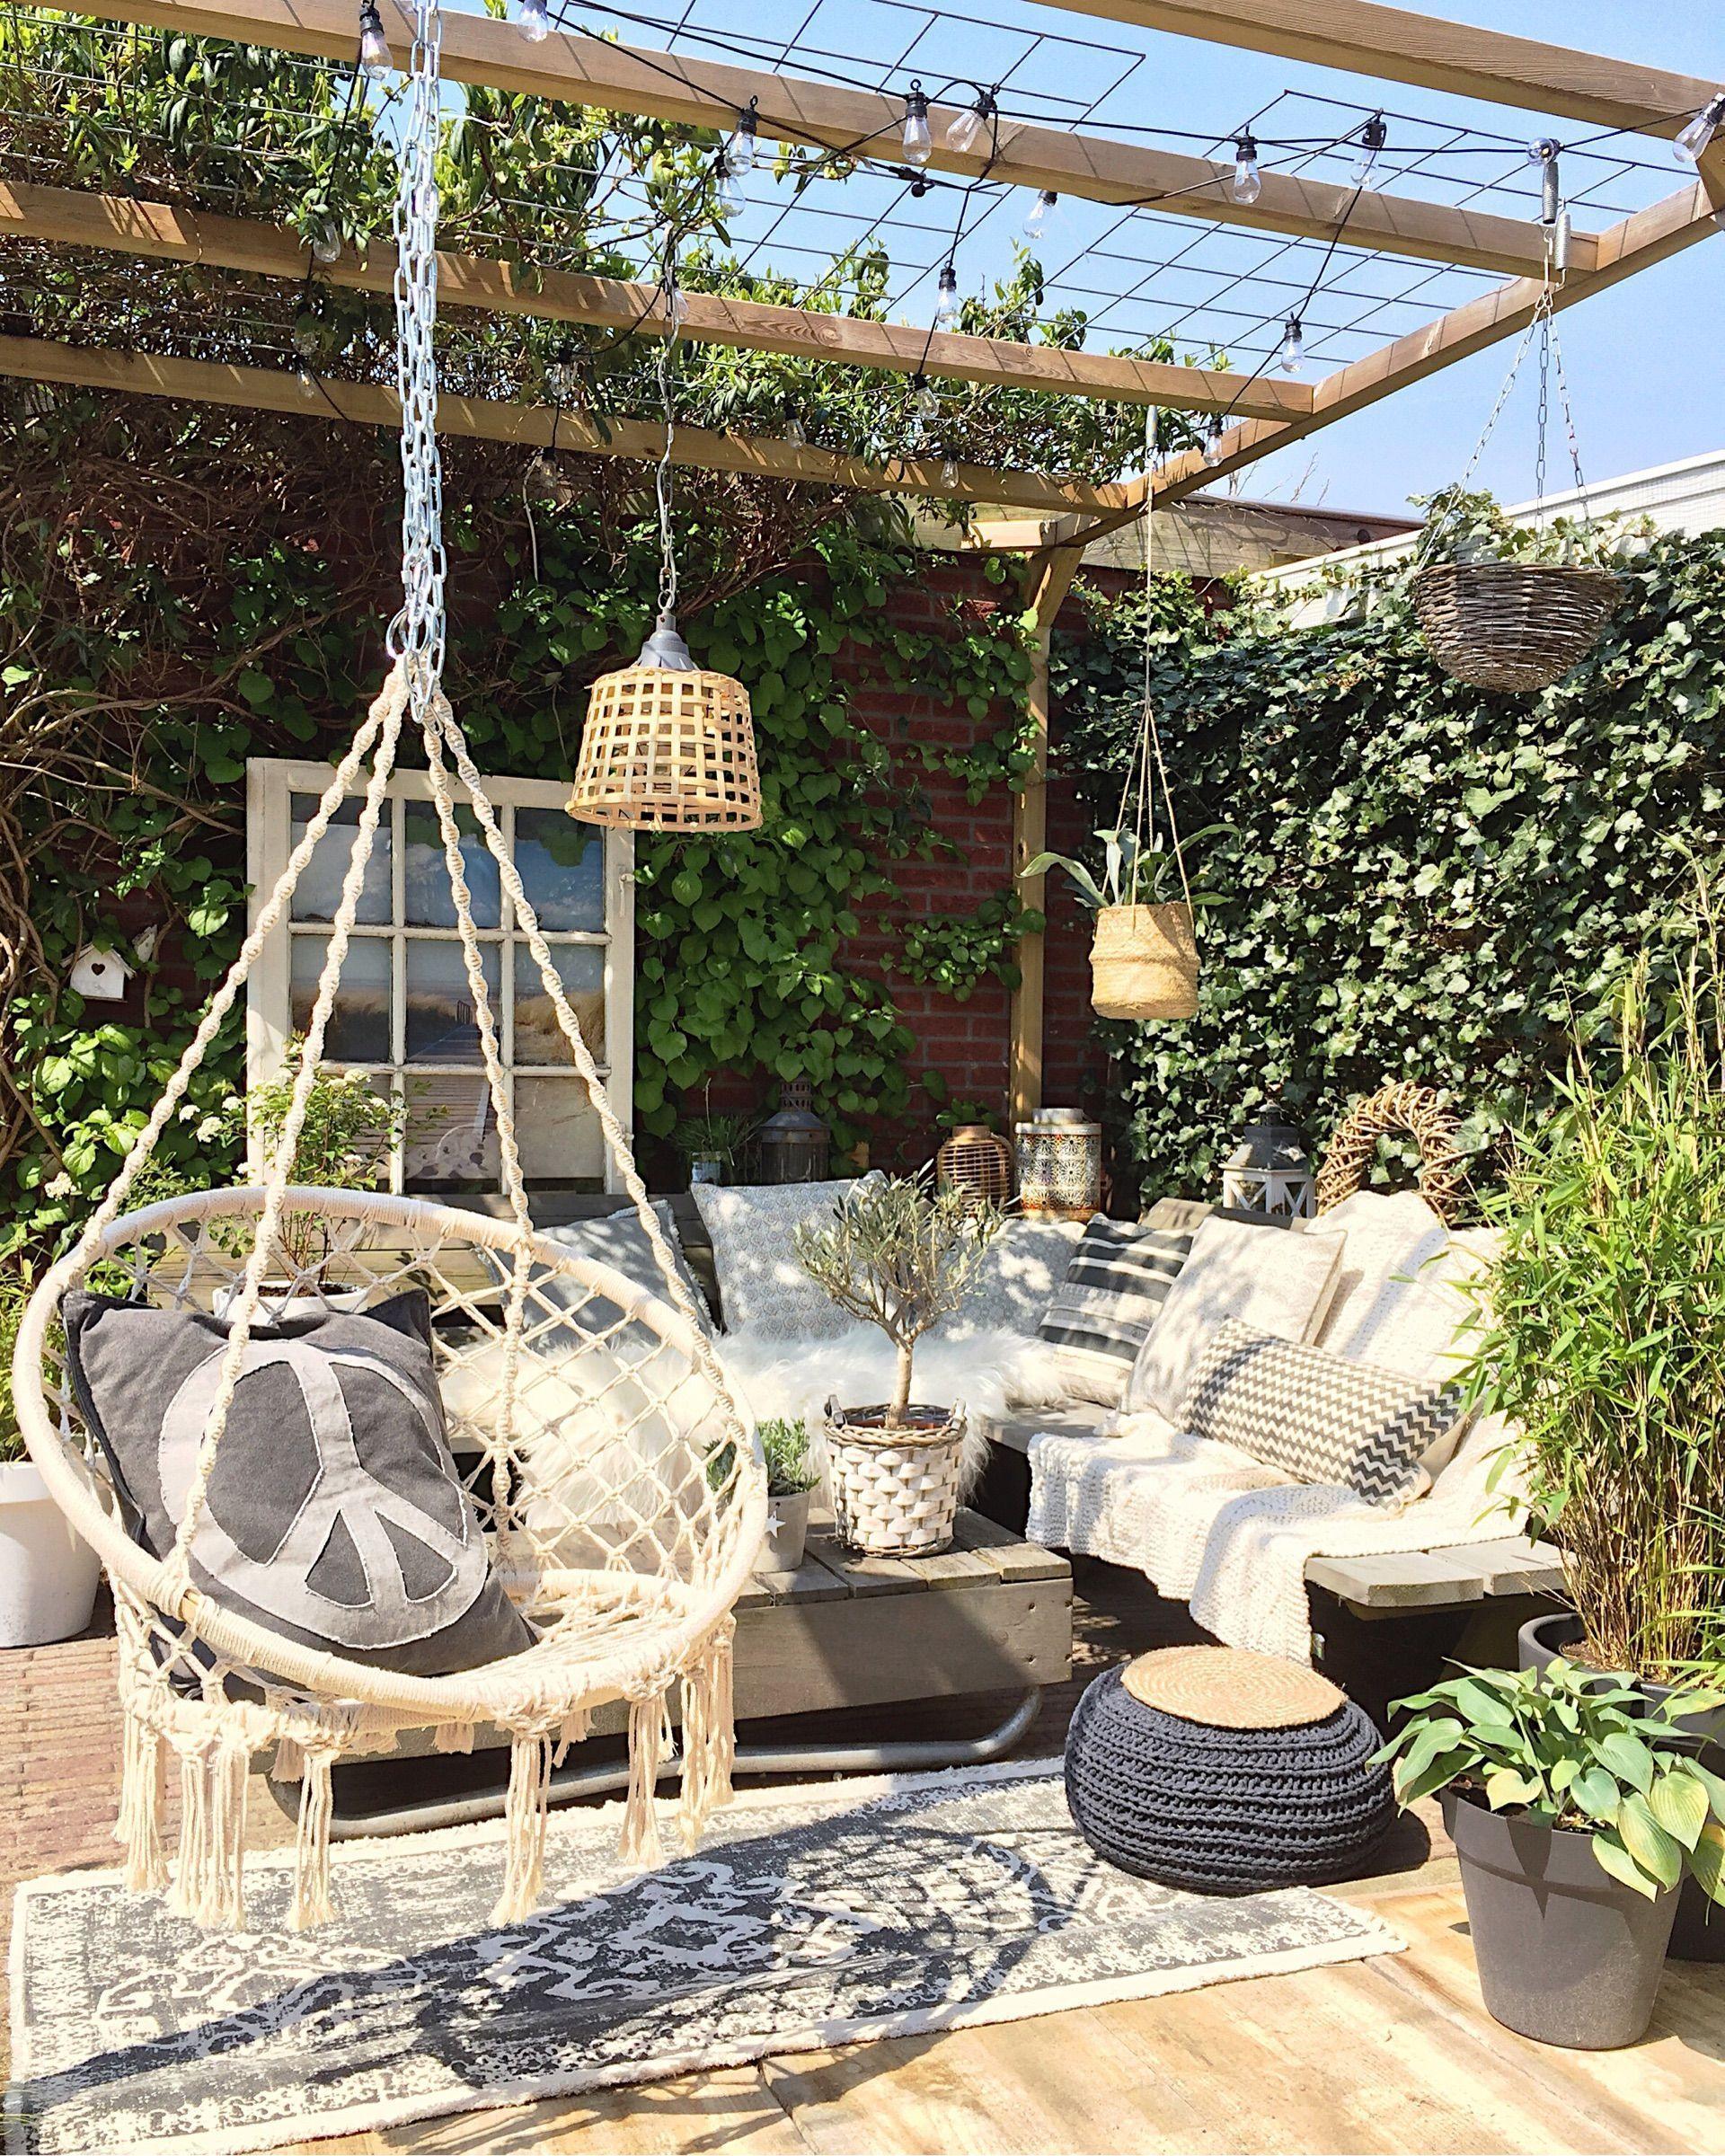 Tuin  Binnenkijken Bij Mijnhuis Enzo #Di Home Decor,#Diy,#Diy Crafts,#Diy